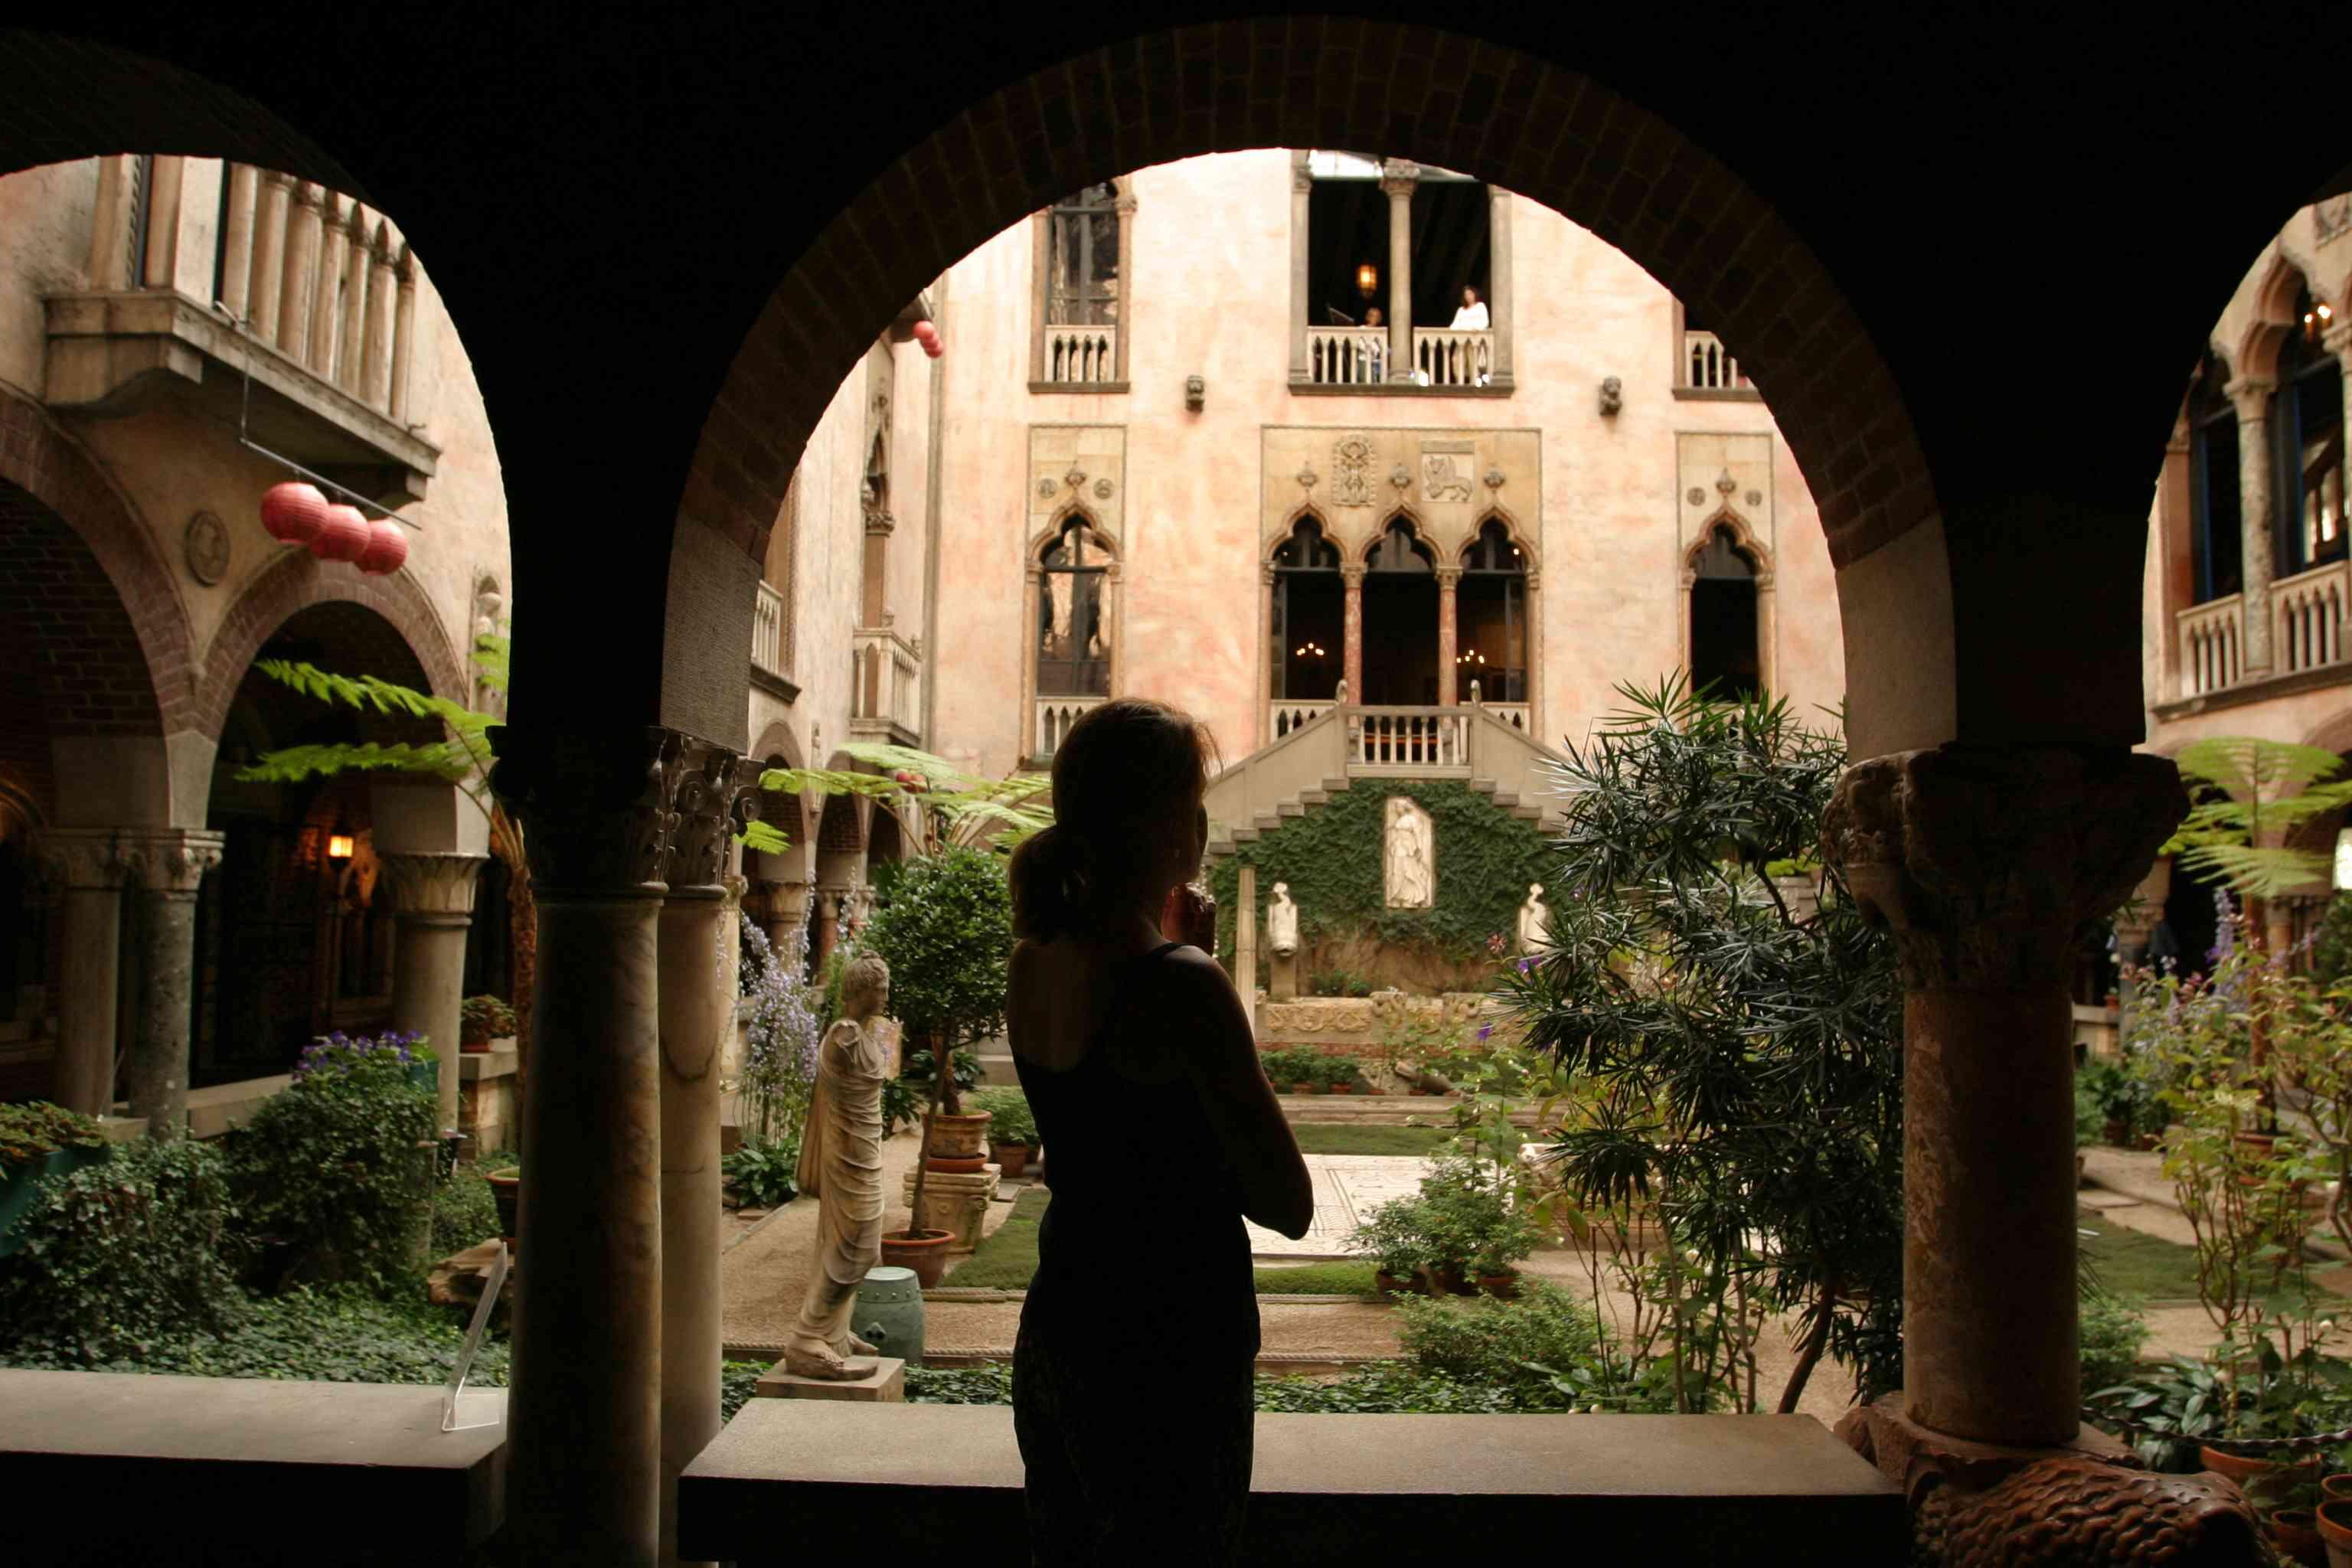 Isabella Stewart Gardner Museum interior courtyard